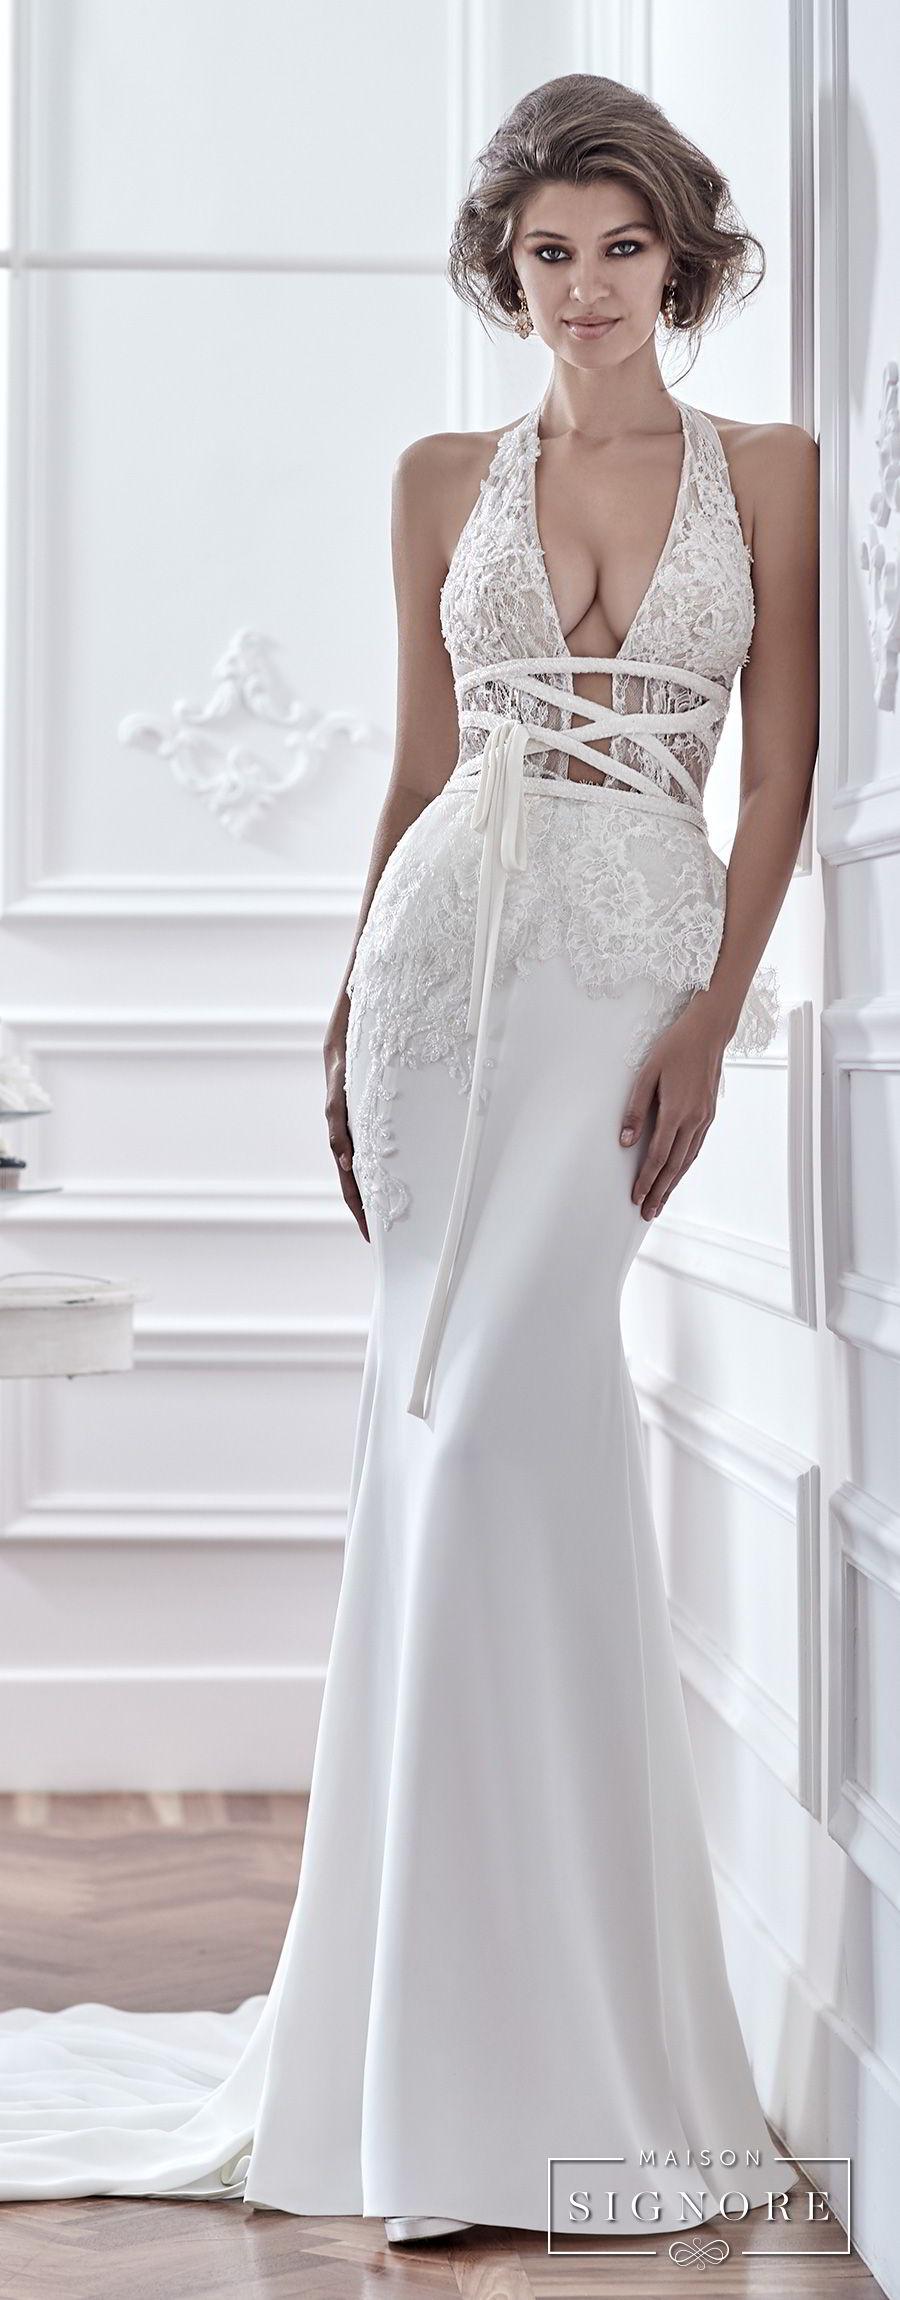 maison signore 2018 bridal sleeveless halter neck deep plunging v neck heavily embellished bodice elegant sexy fit and flare sheath wedding dress medium train (dafne) mv